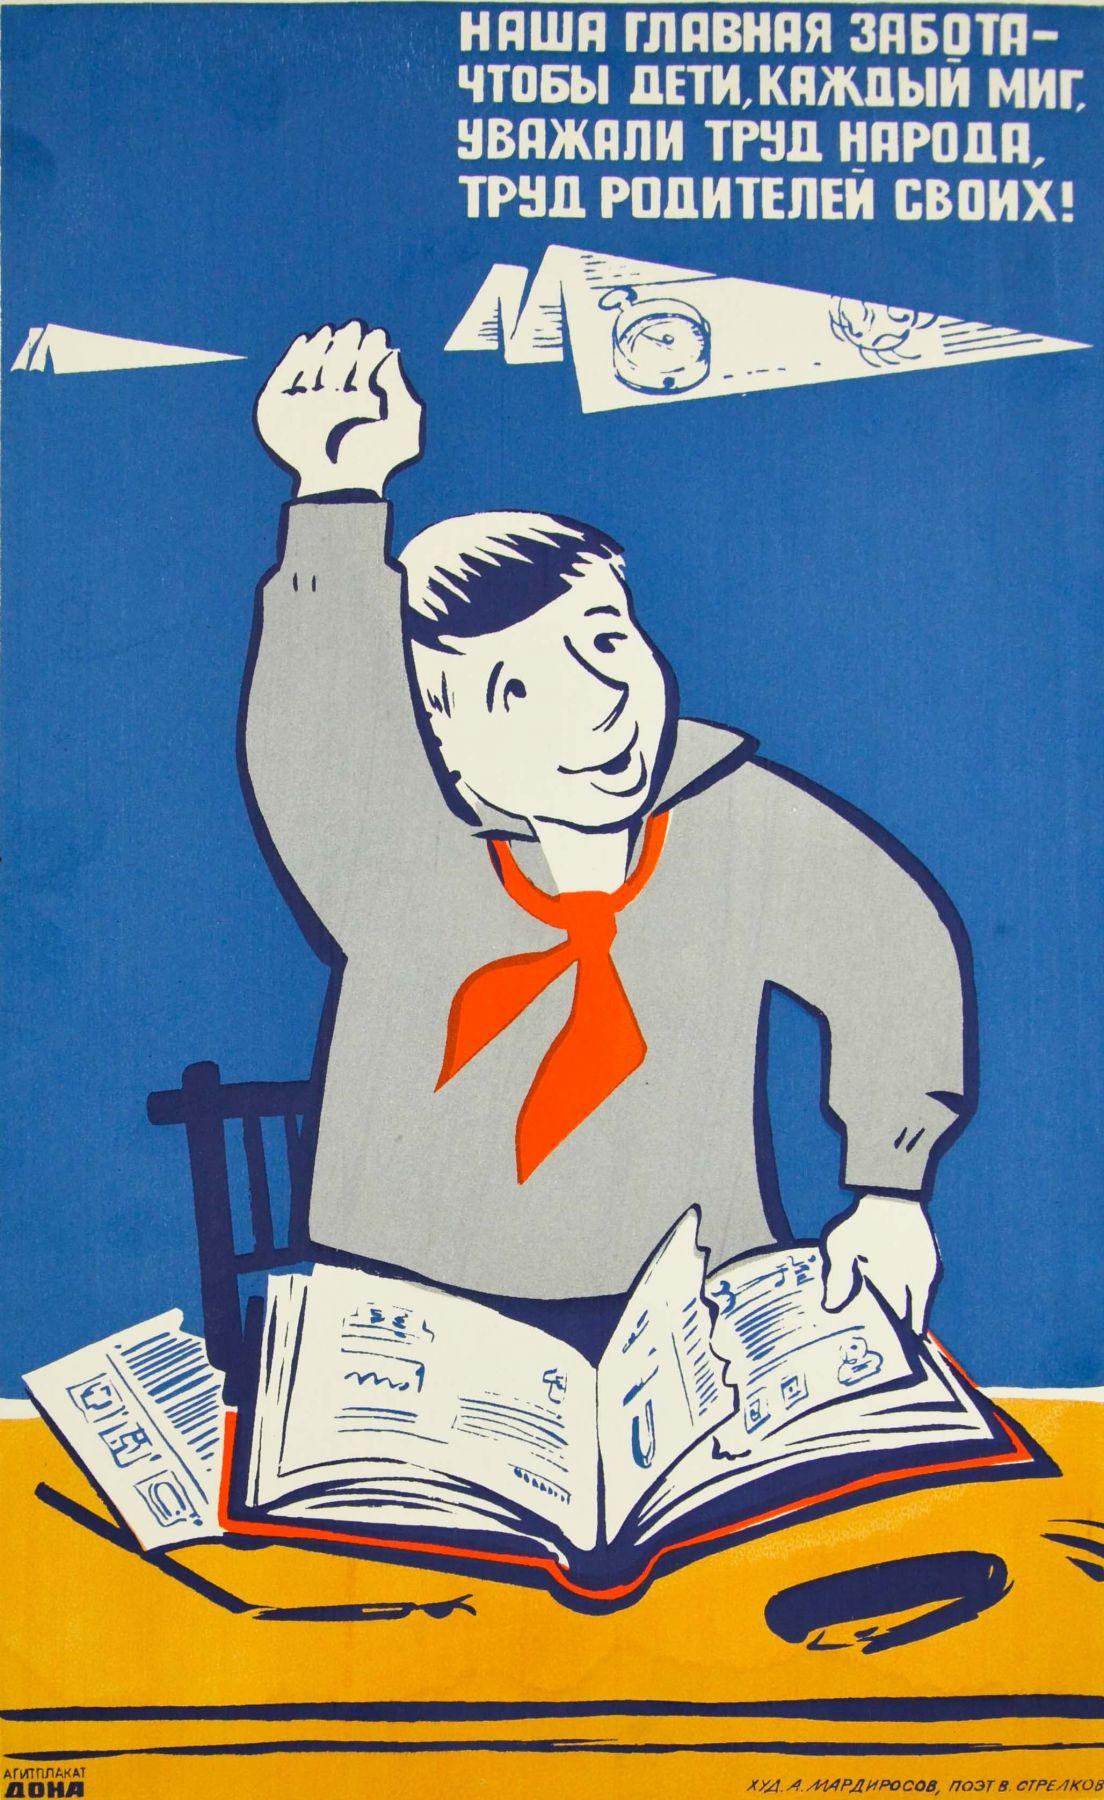 Наша главная забота, чтобы дети каждый миг уважали труд народа, труд родителей своих! Агитплакат Дона.